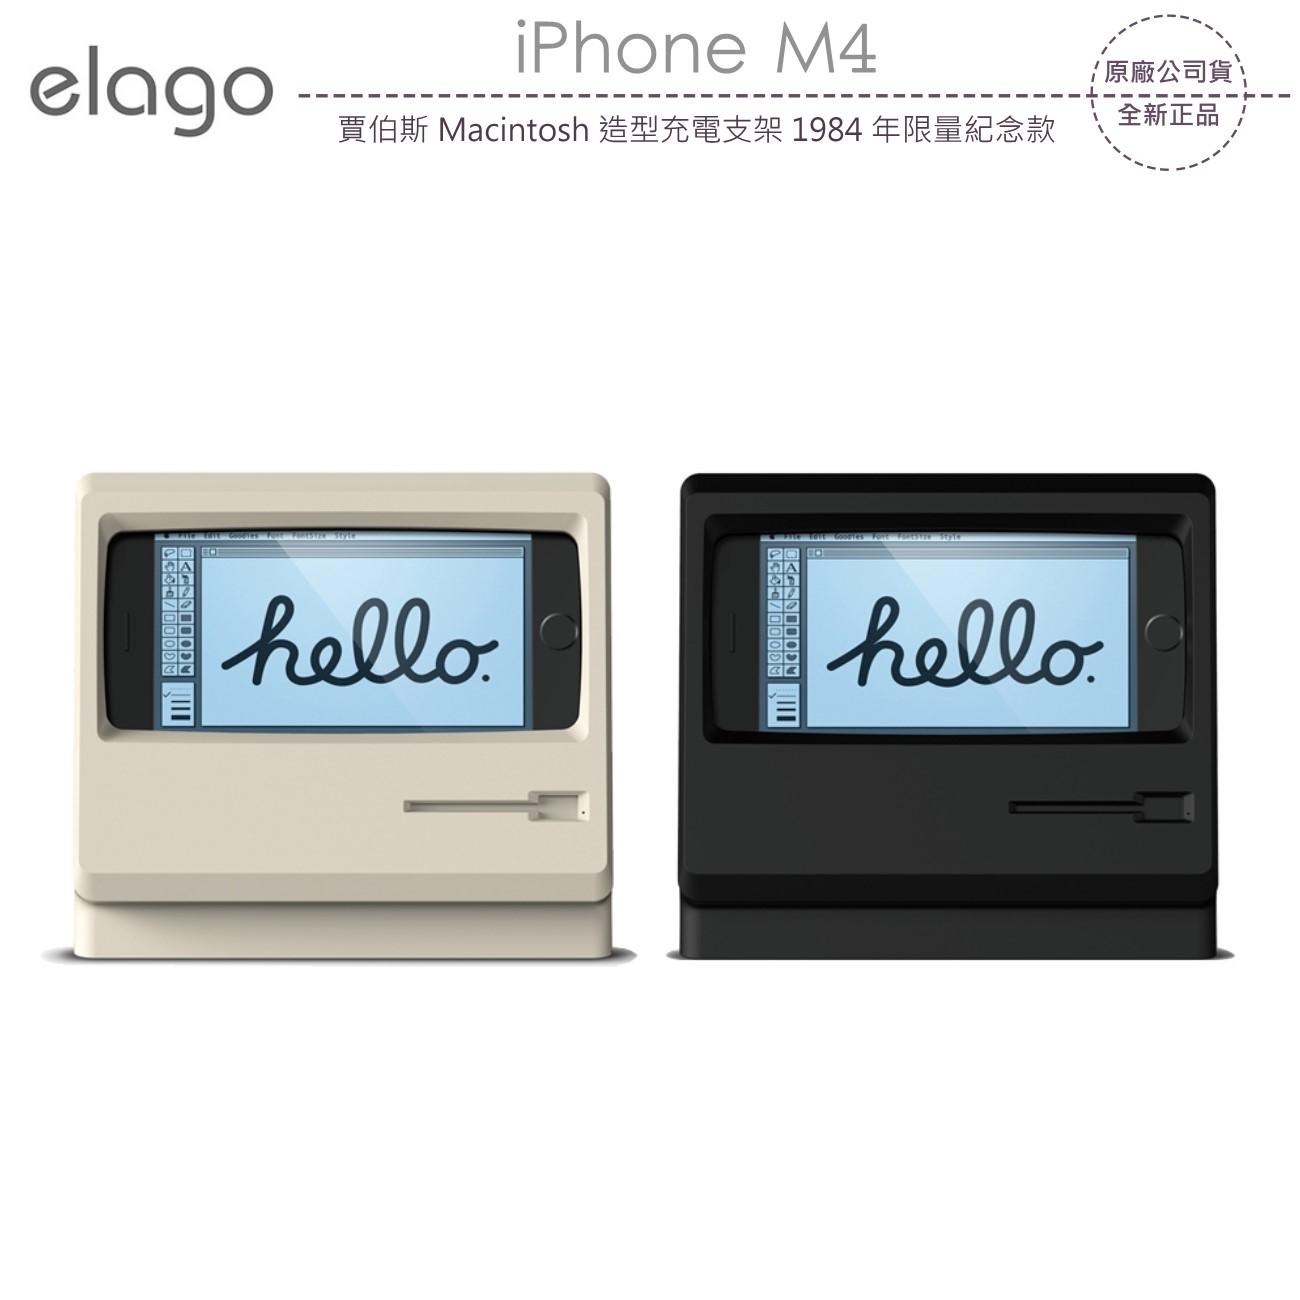 飛翔3C elago iPhone M4賈伯斯Macintosh造型充電支架1984年限量紀念款公司貨